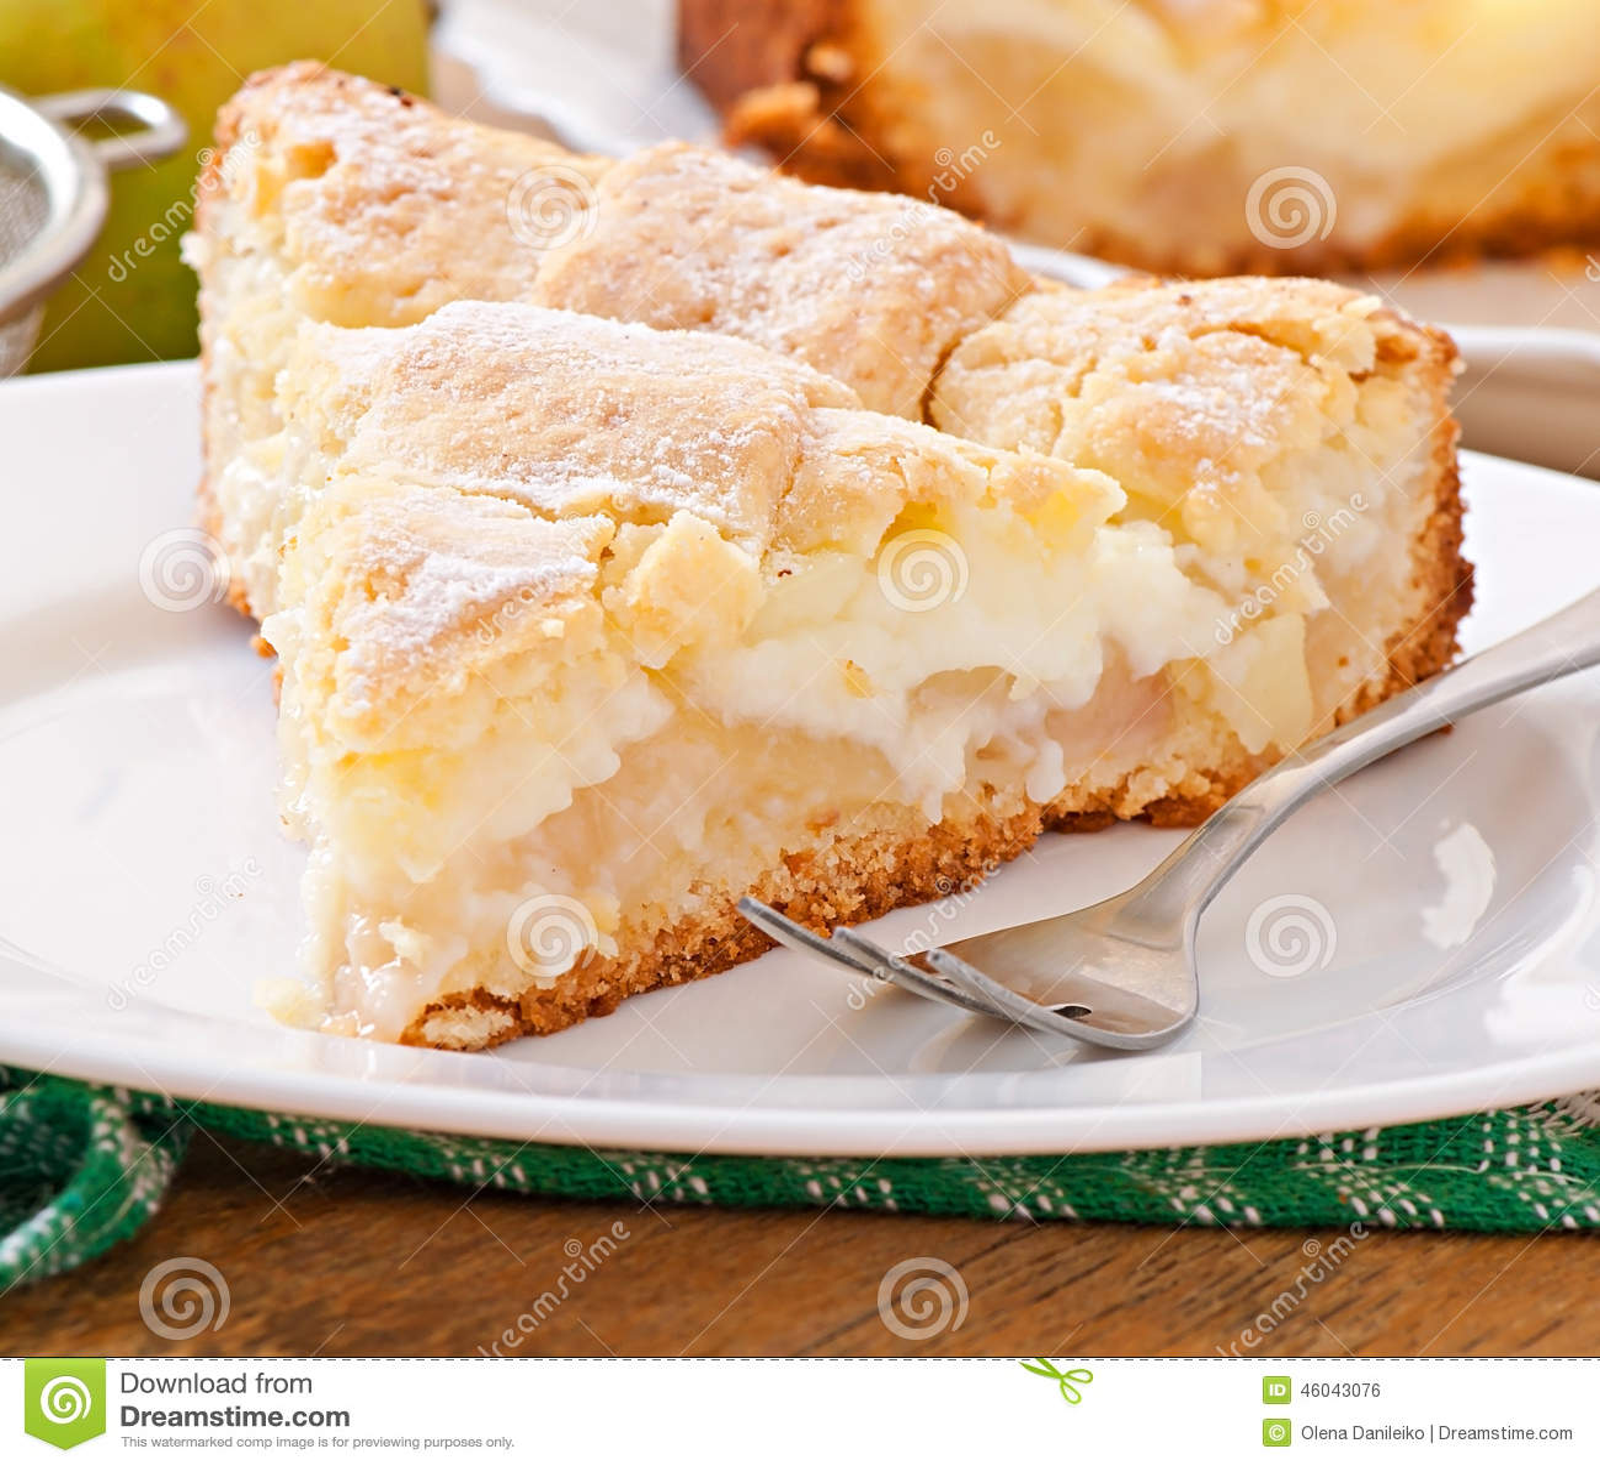 Apfelkuchen Mit Vanillepudding Stockfoto Bild Von Apfel